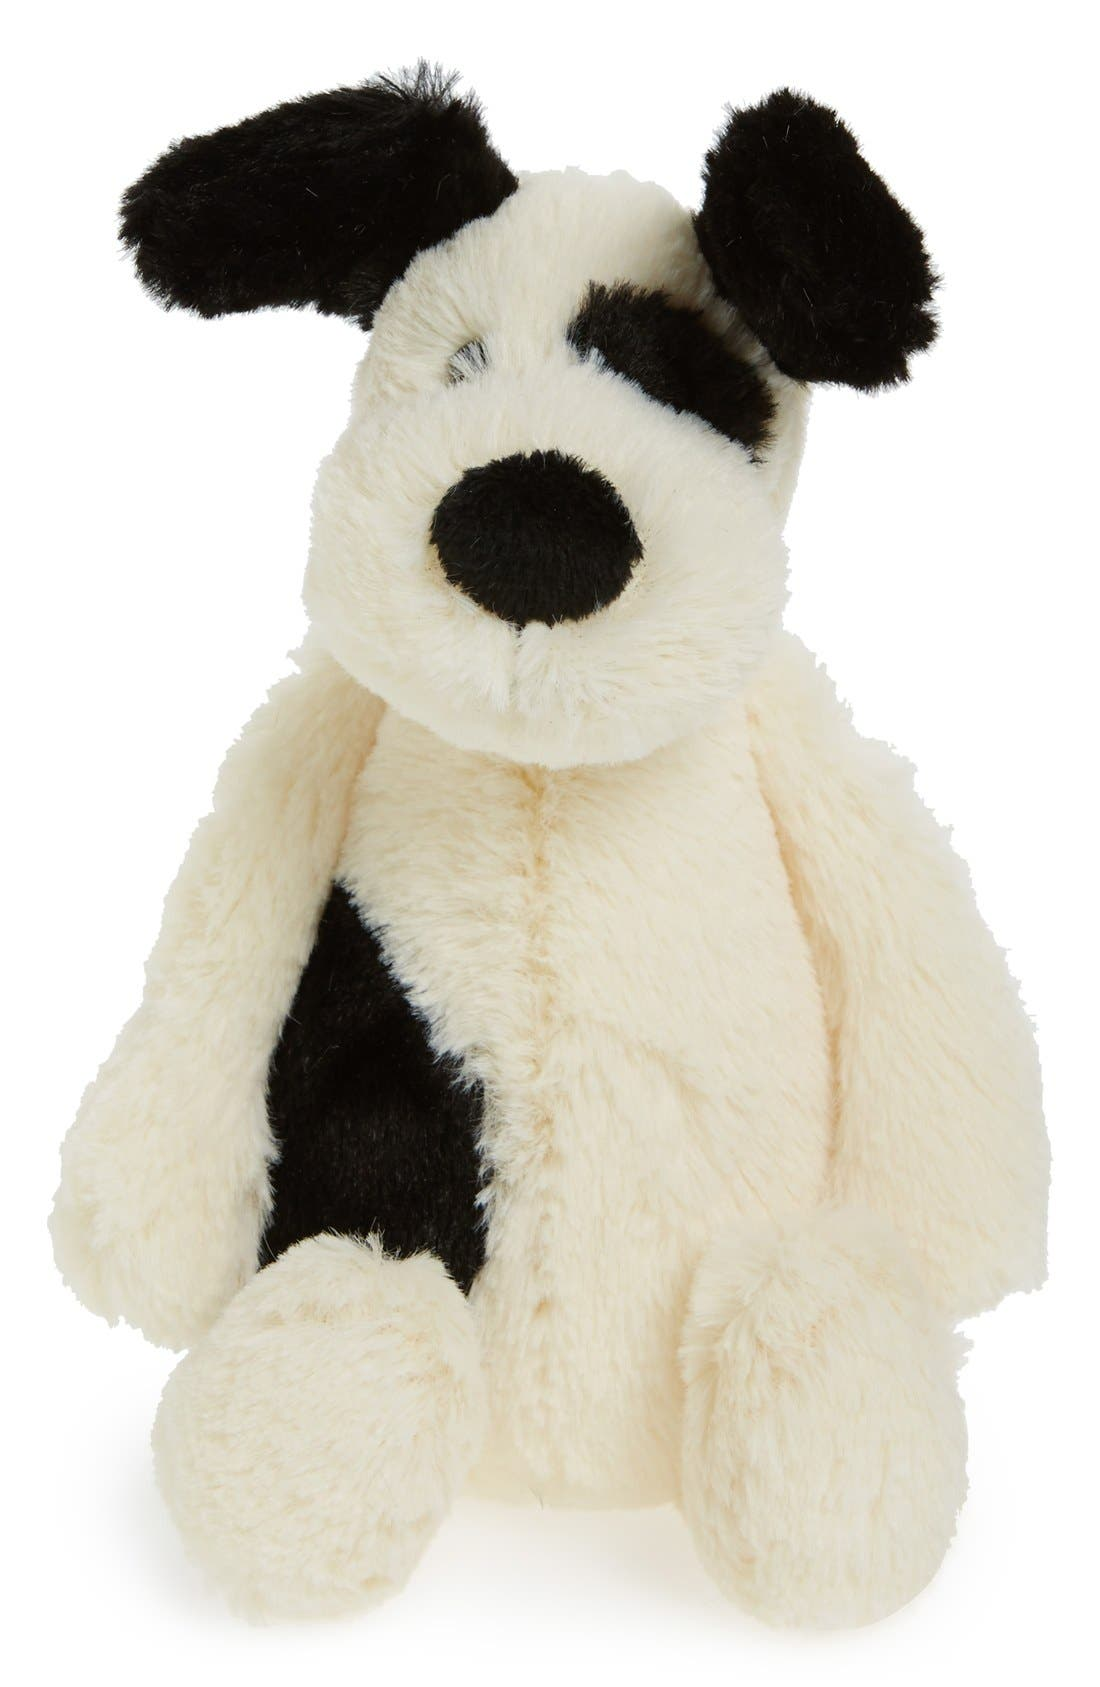 Alternate Image 1 Selected - Jellycat 'Small Bashful Puppy' Stuffed Animal